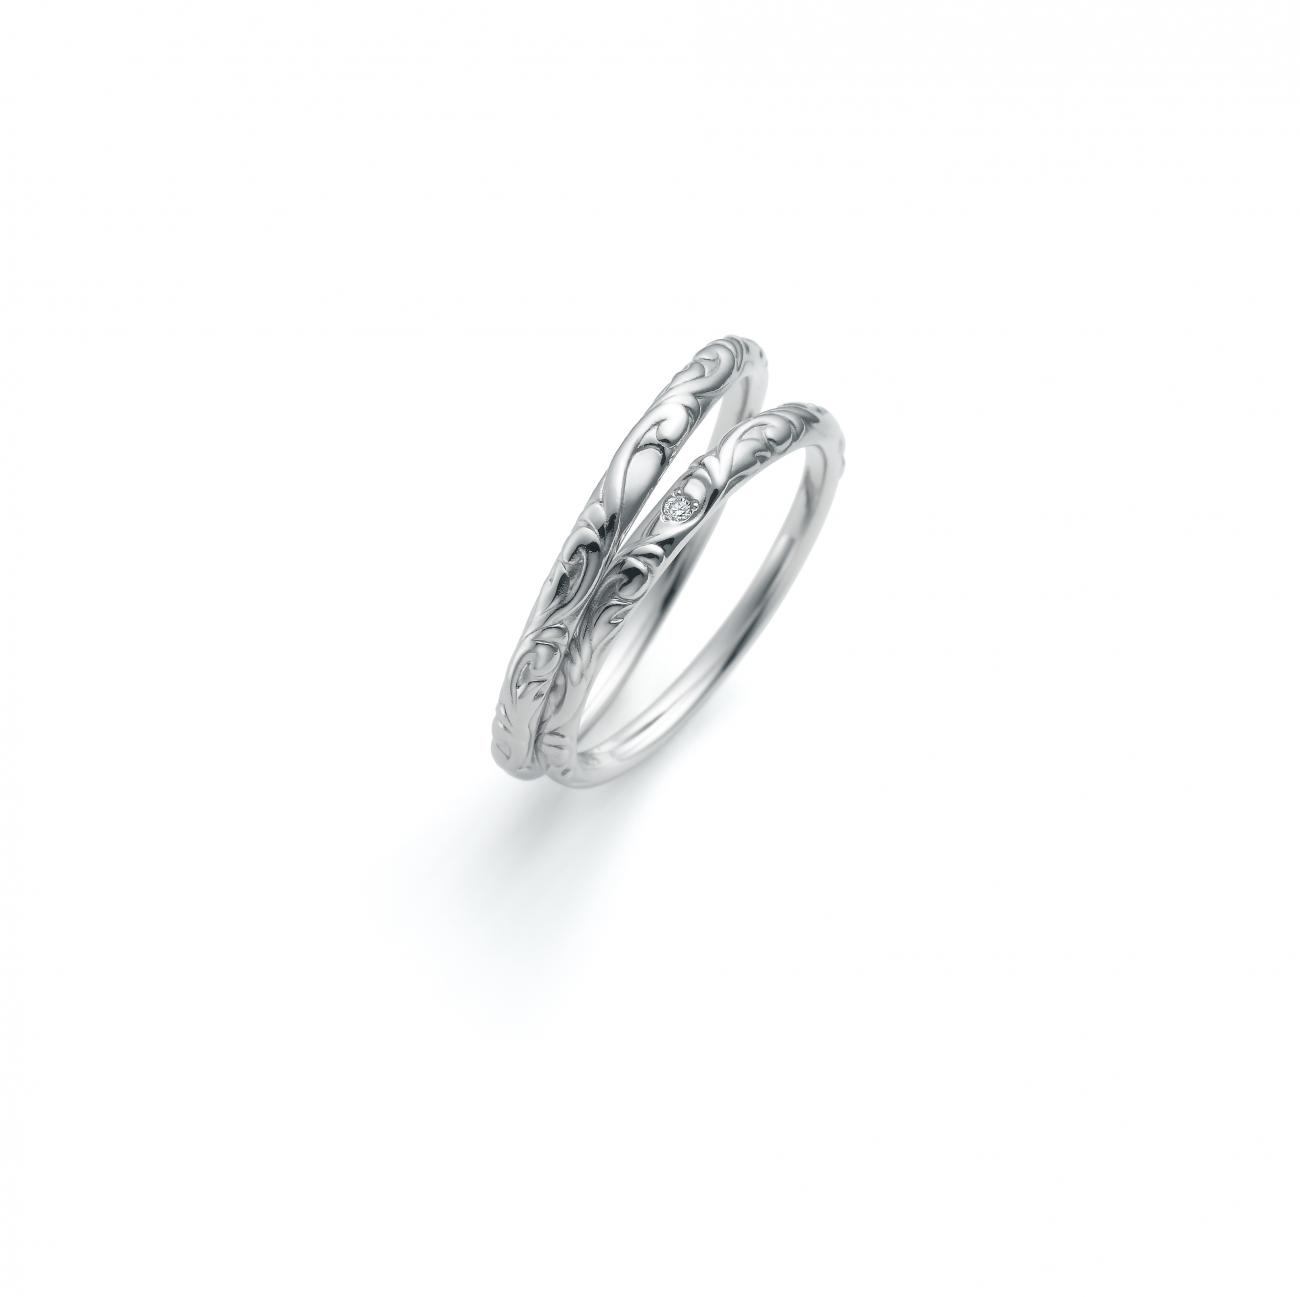 新潟 にいがた niigata 結婚指輪 婚約指輪 ブローチ シチズン ノクル